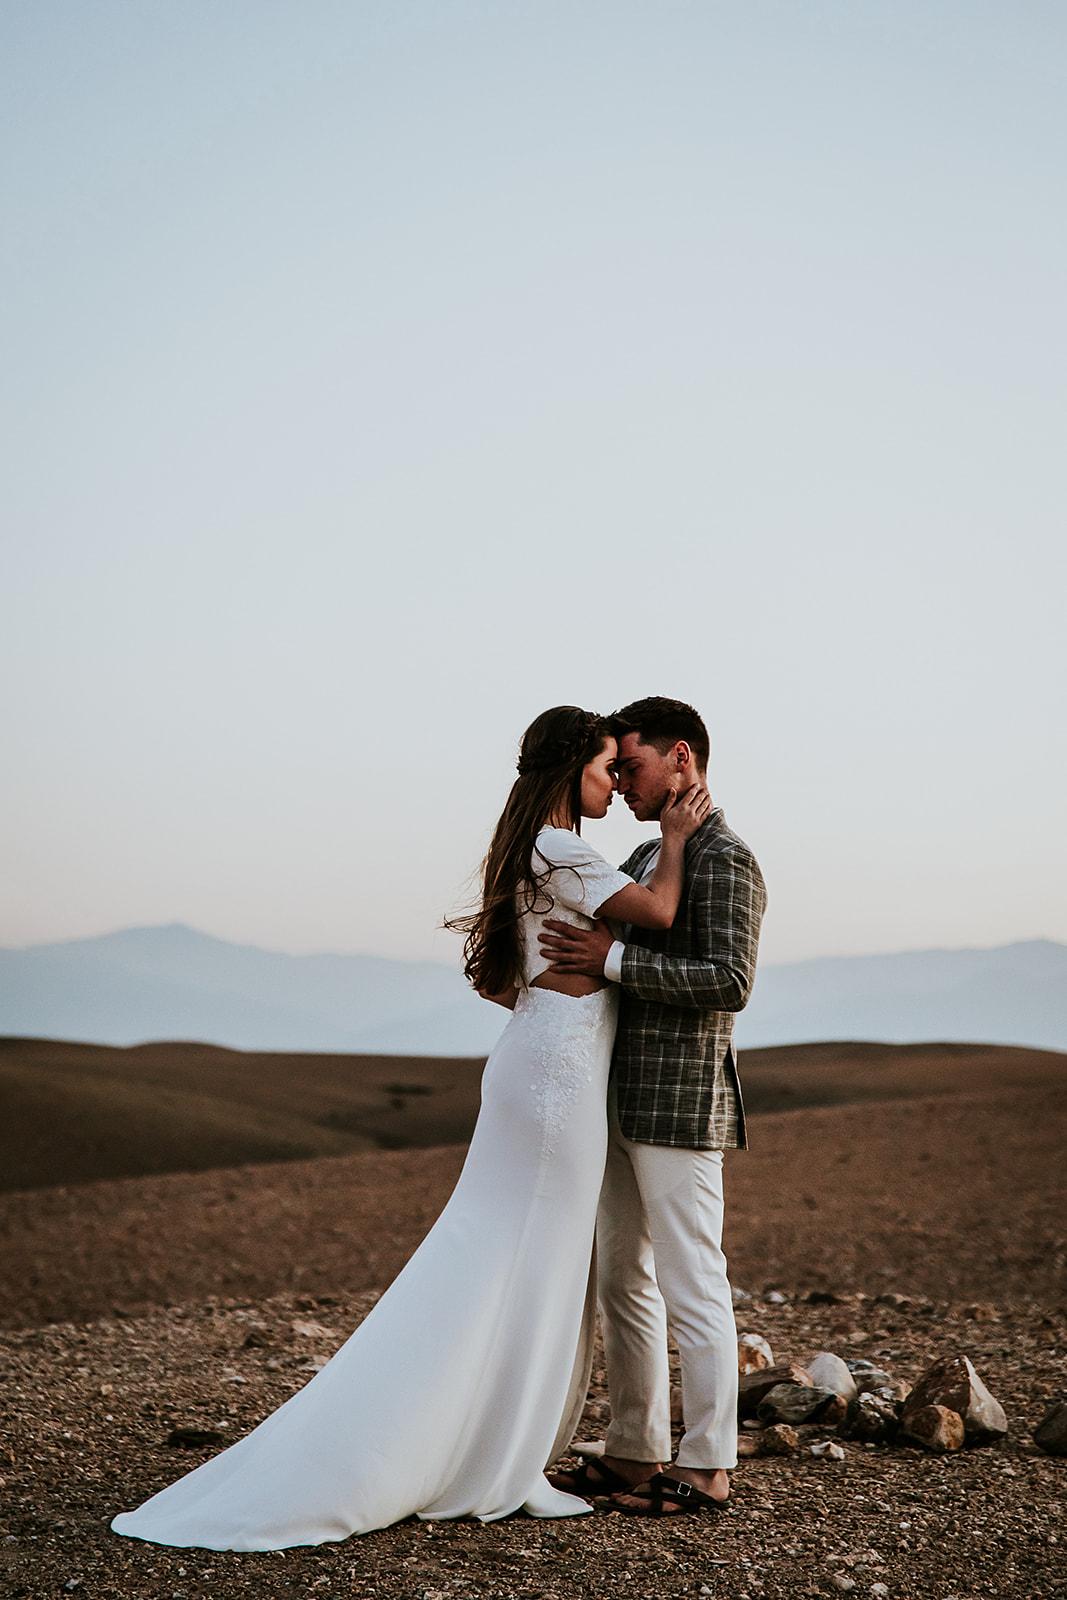 Liefdesfoto's Janine & Harm